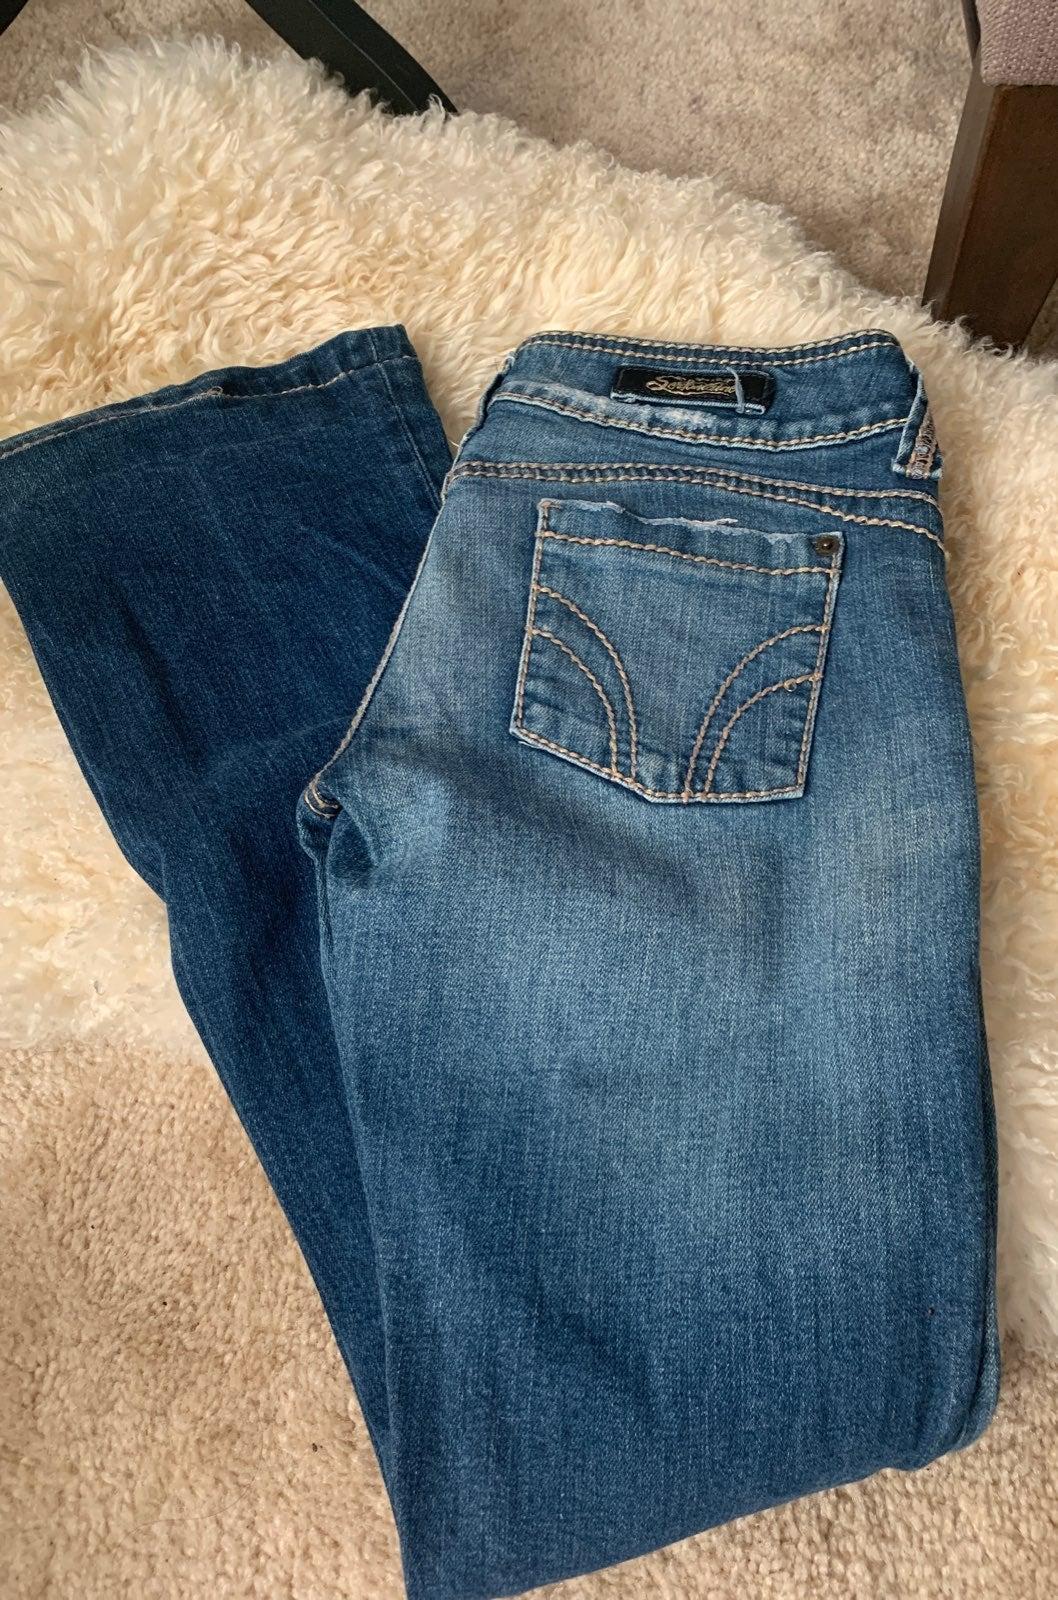 Serfontaine Denim Jeans 26